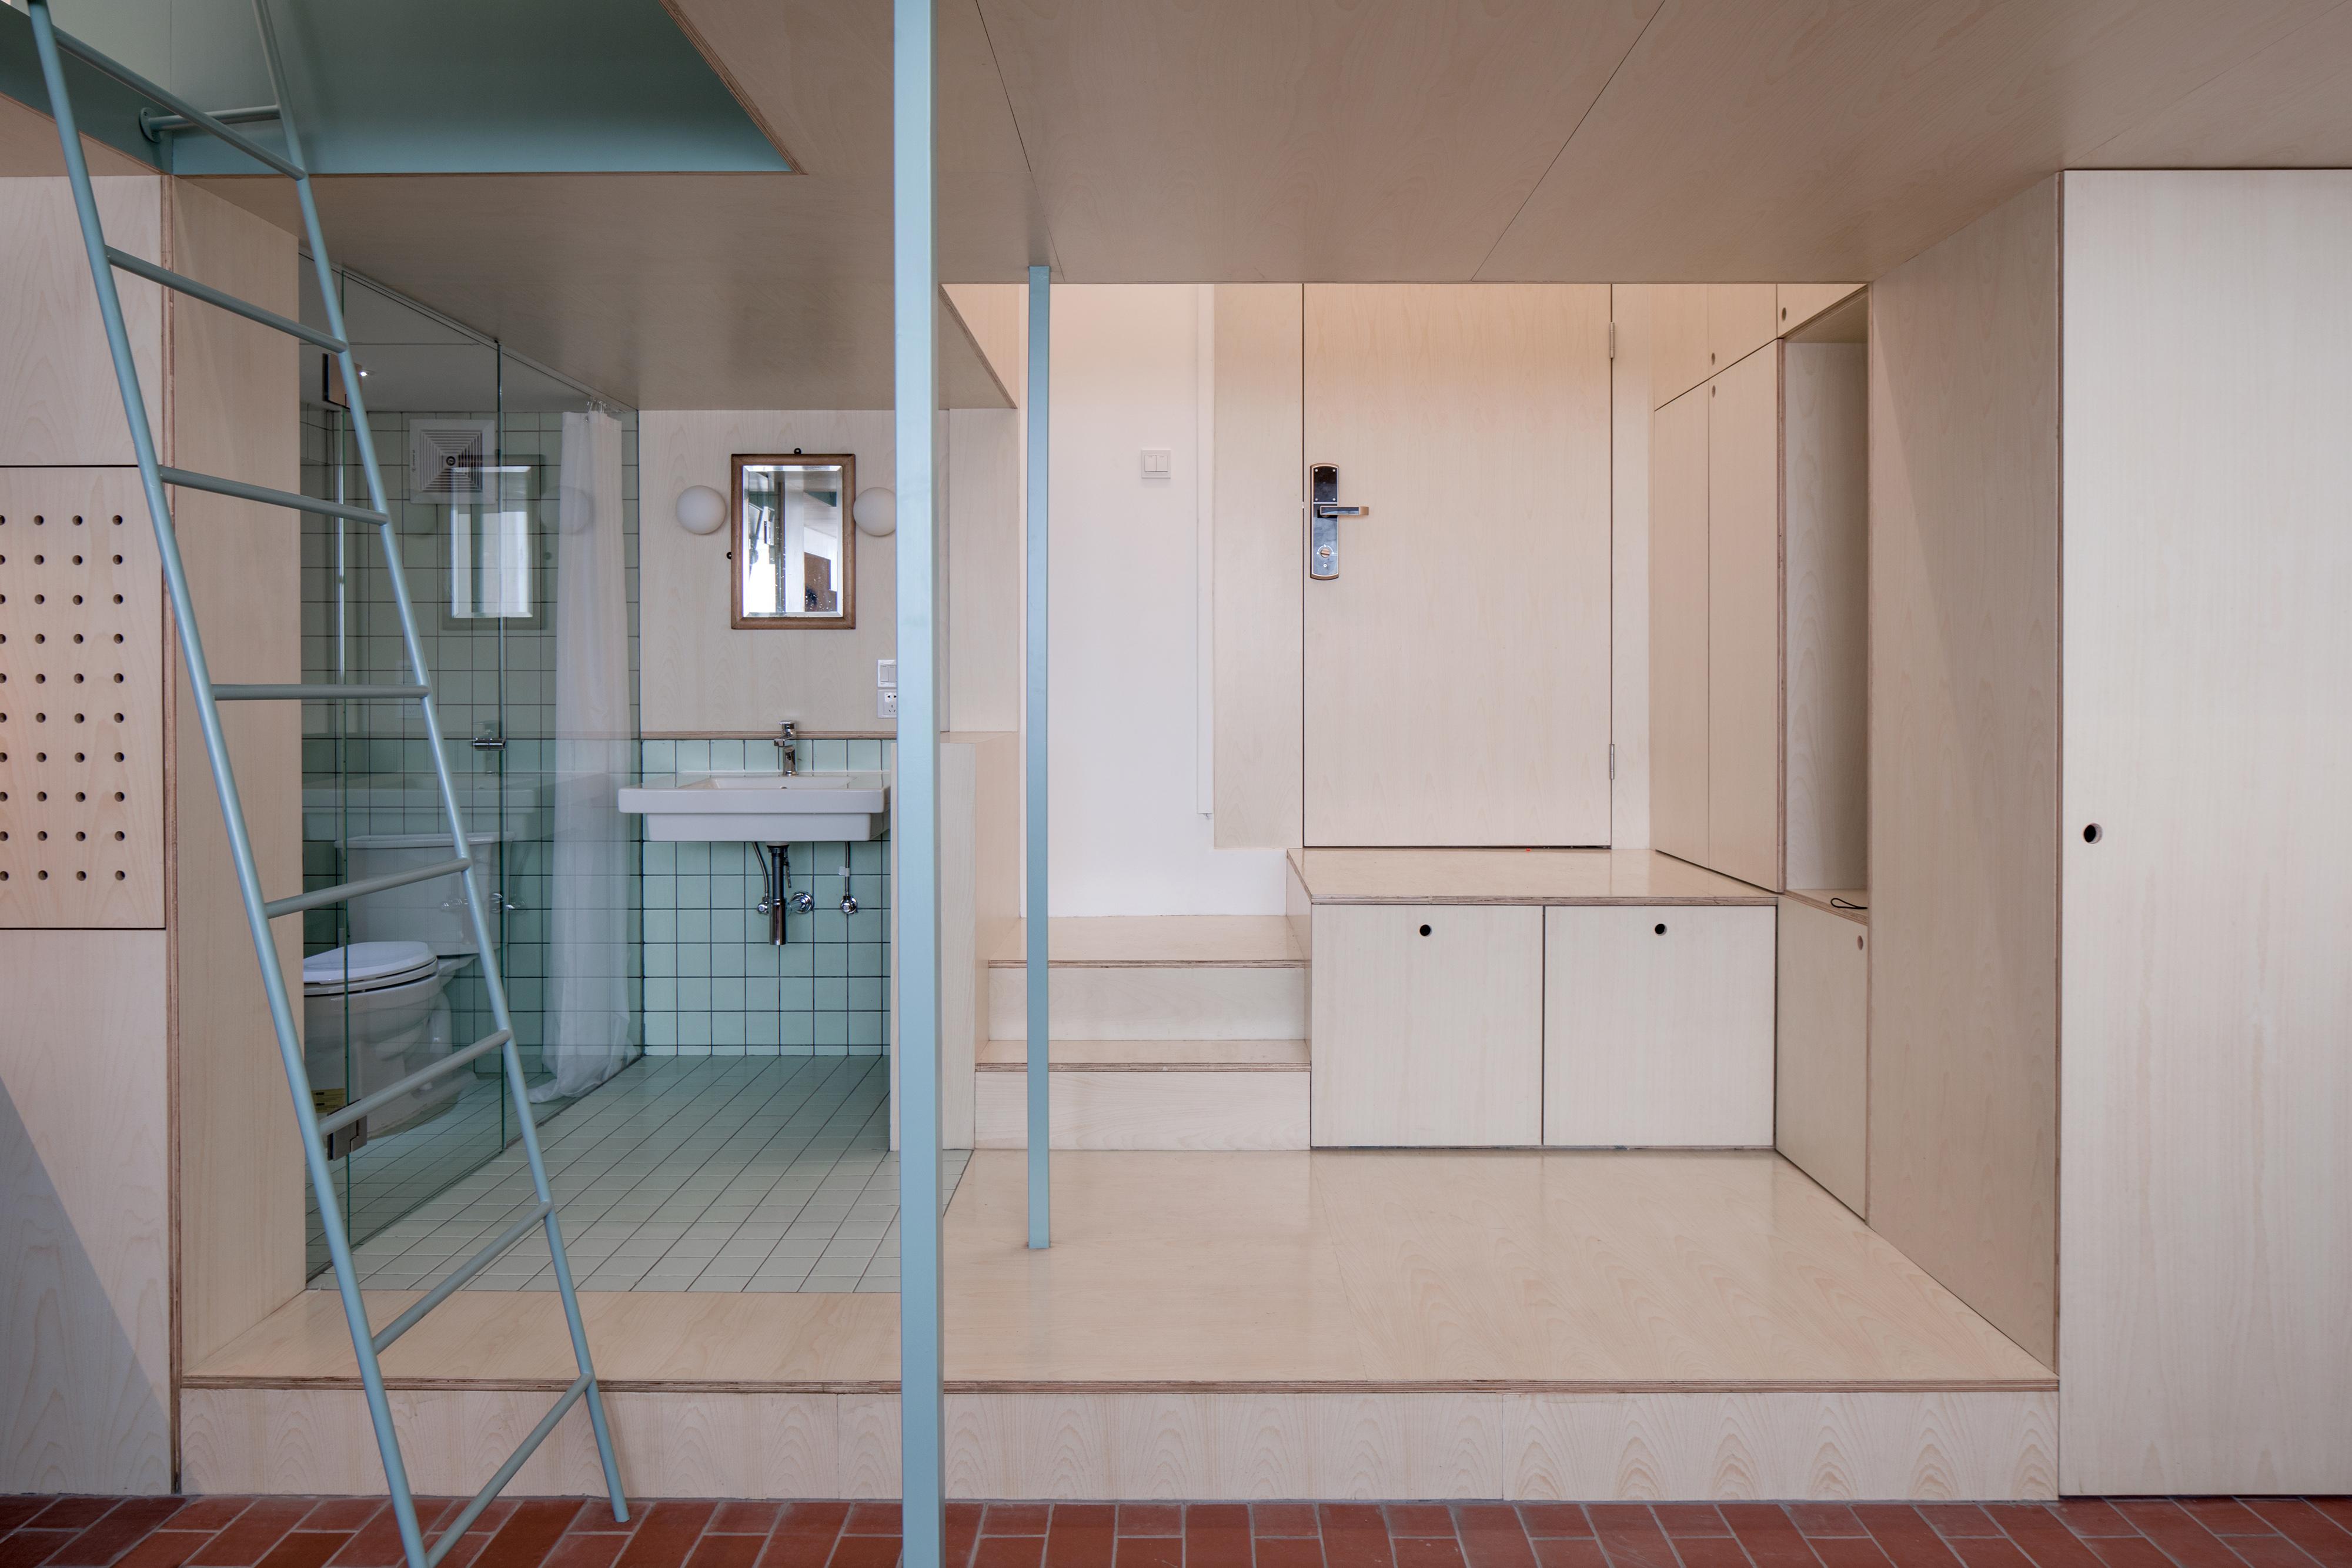 almacenamiento y baño en planta baja